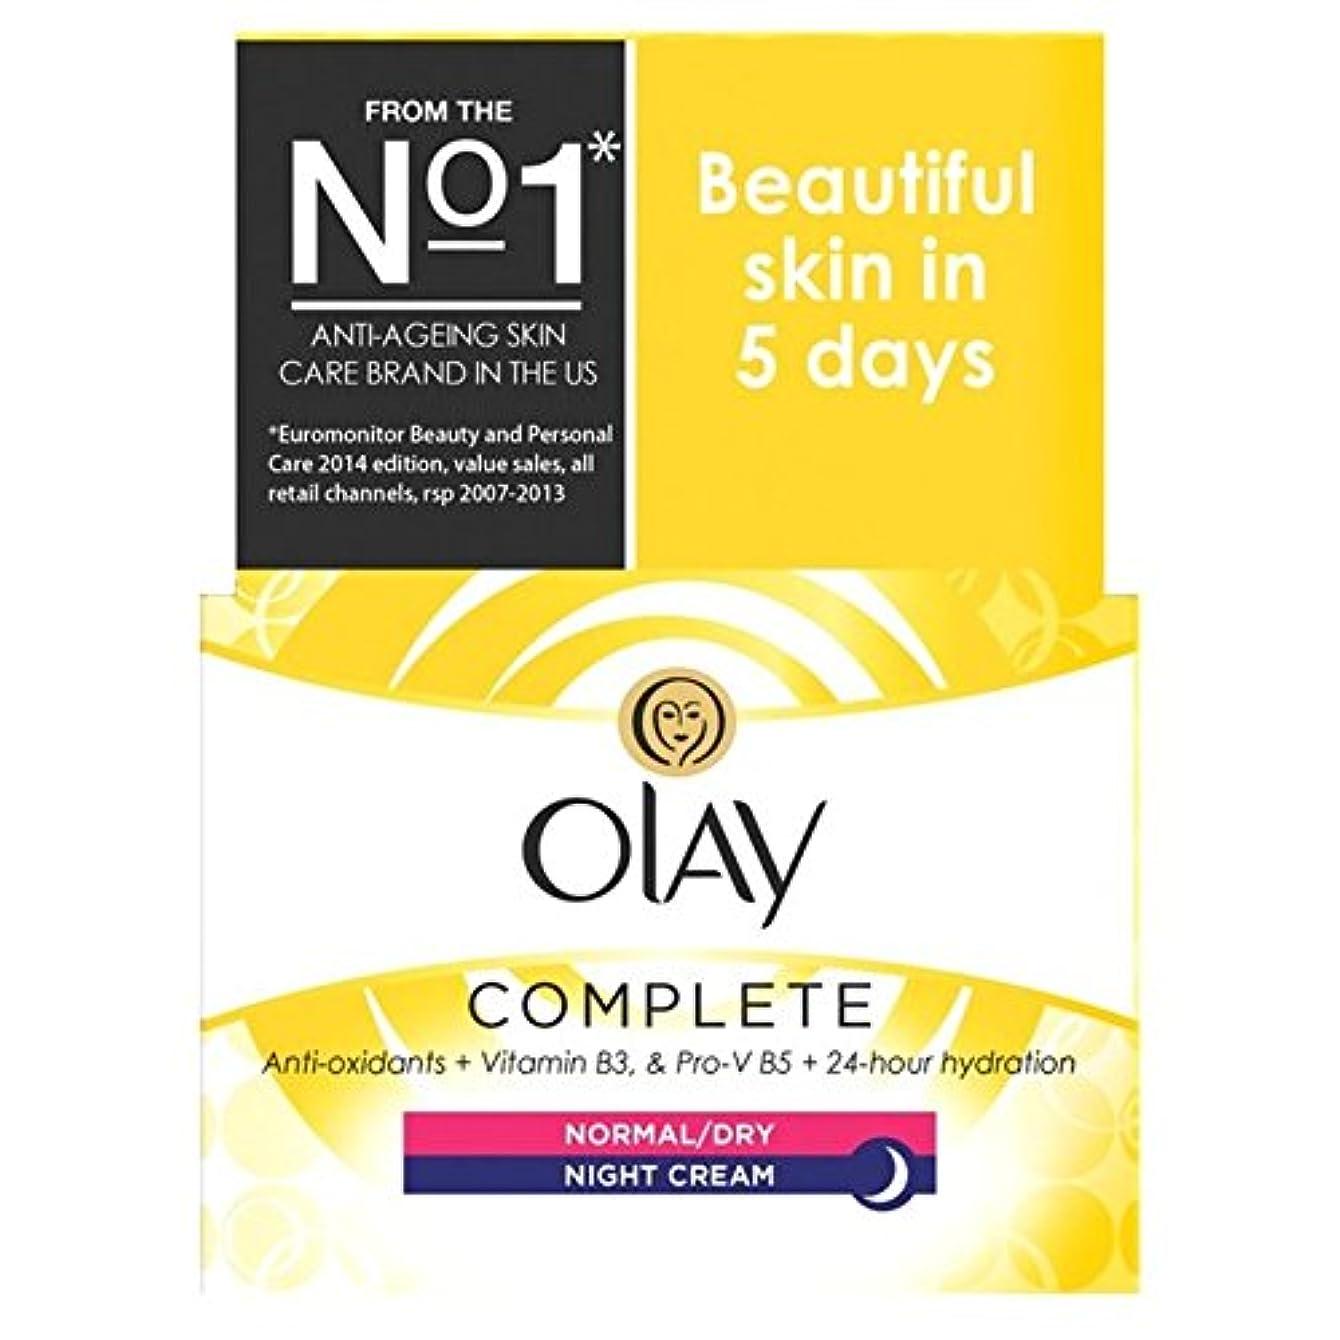 ドレスそこセントオーレイ必需品の完全なケア保湿ナイトクリーム50ミリリットル x2 - Olay Essentials Complete Care Moisturiser Night Cream 50ml (Pack of 2) [並行輸入品]